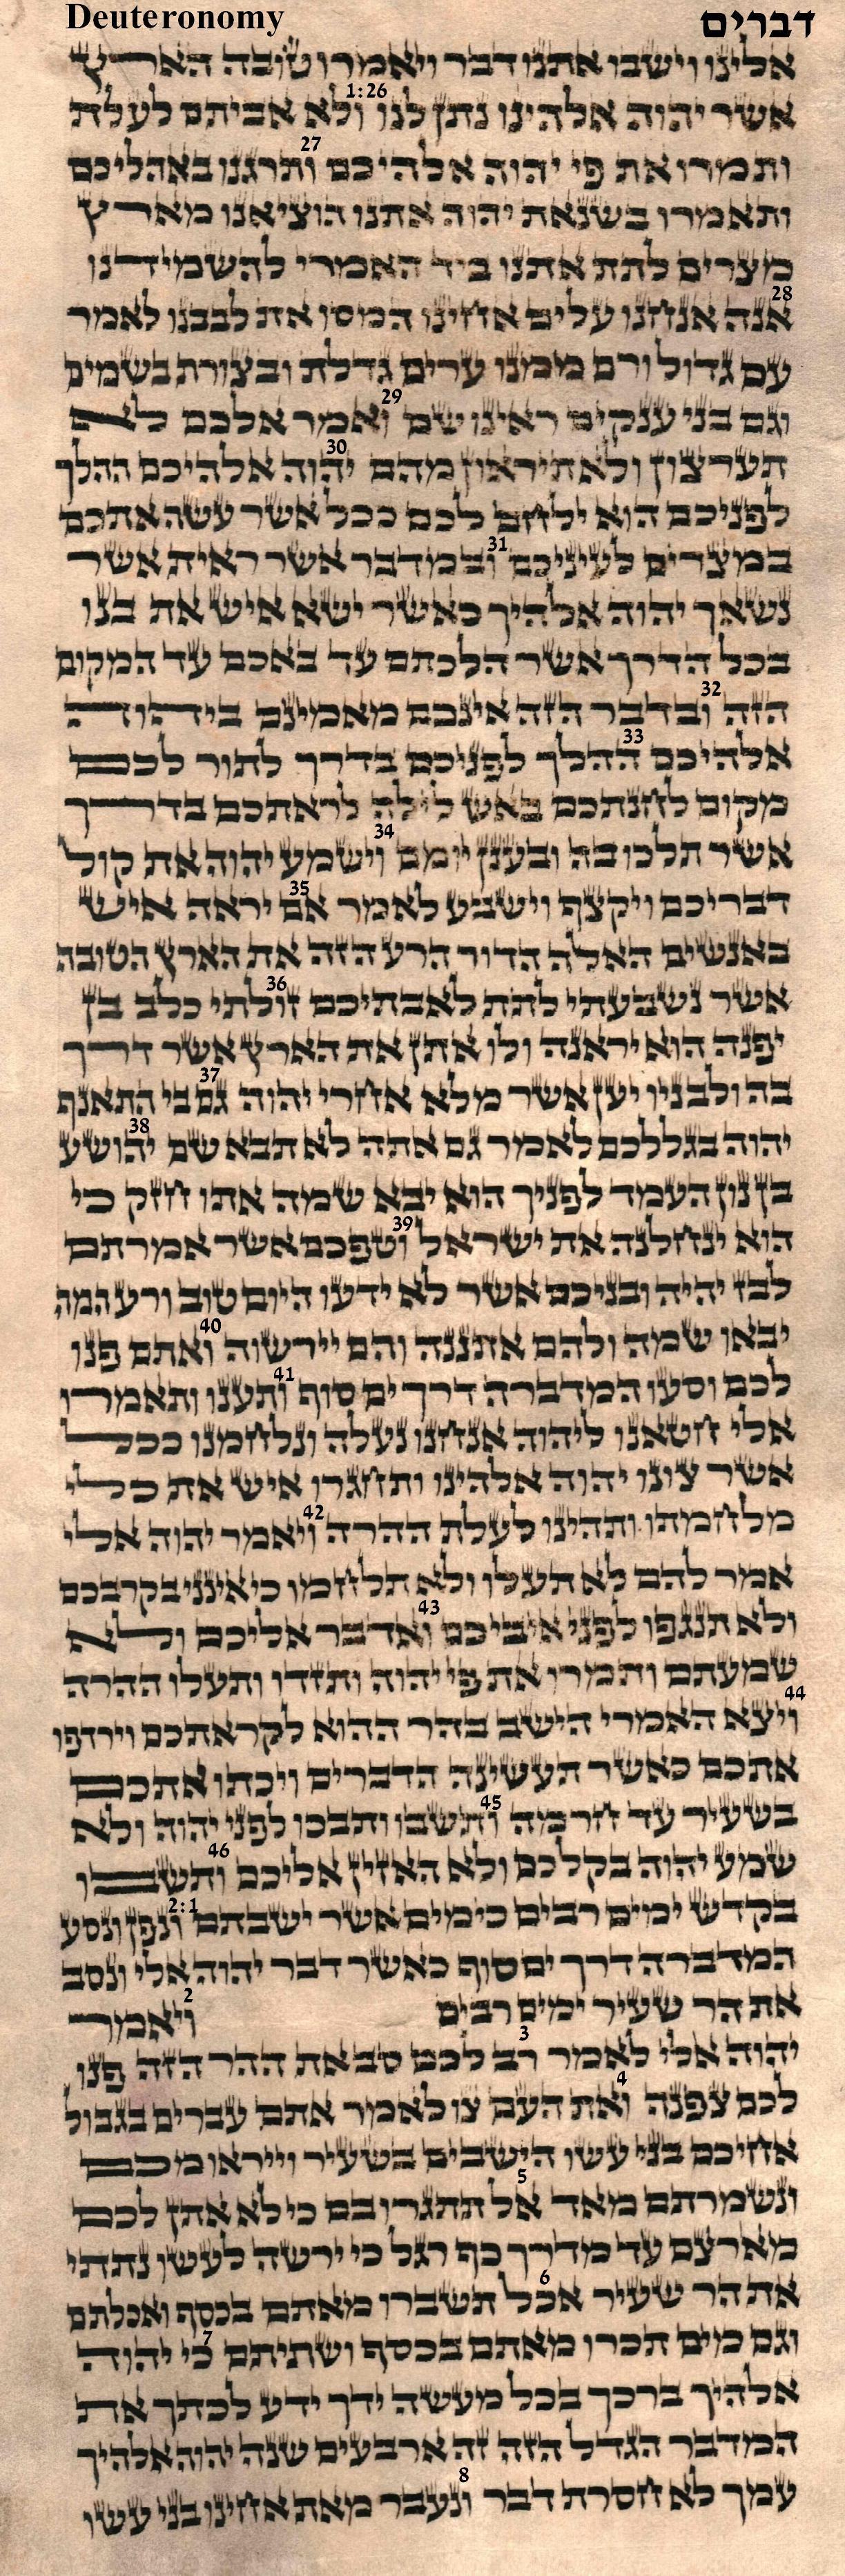 Deuteronomy 1.26 -2.8